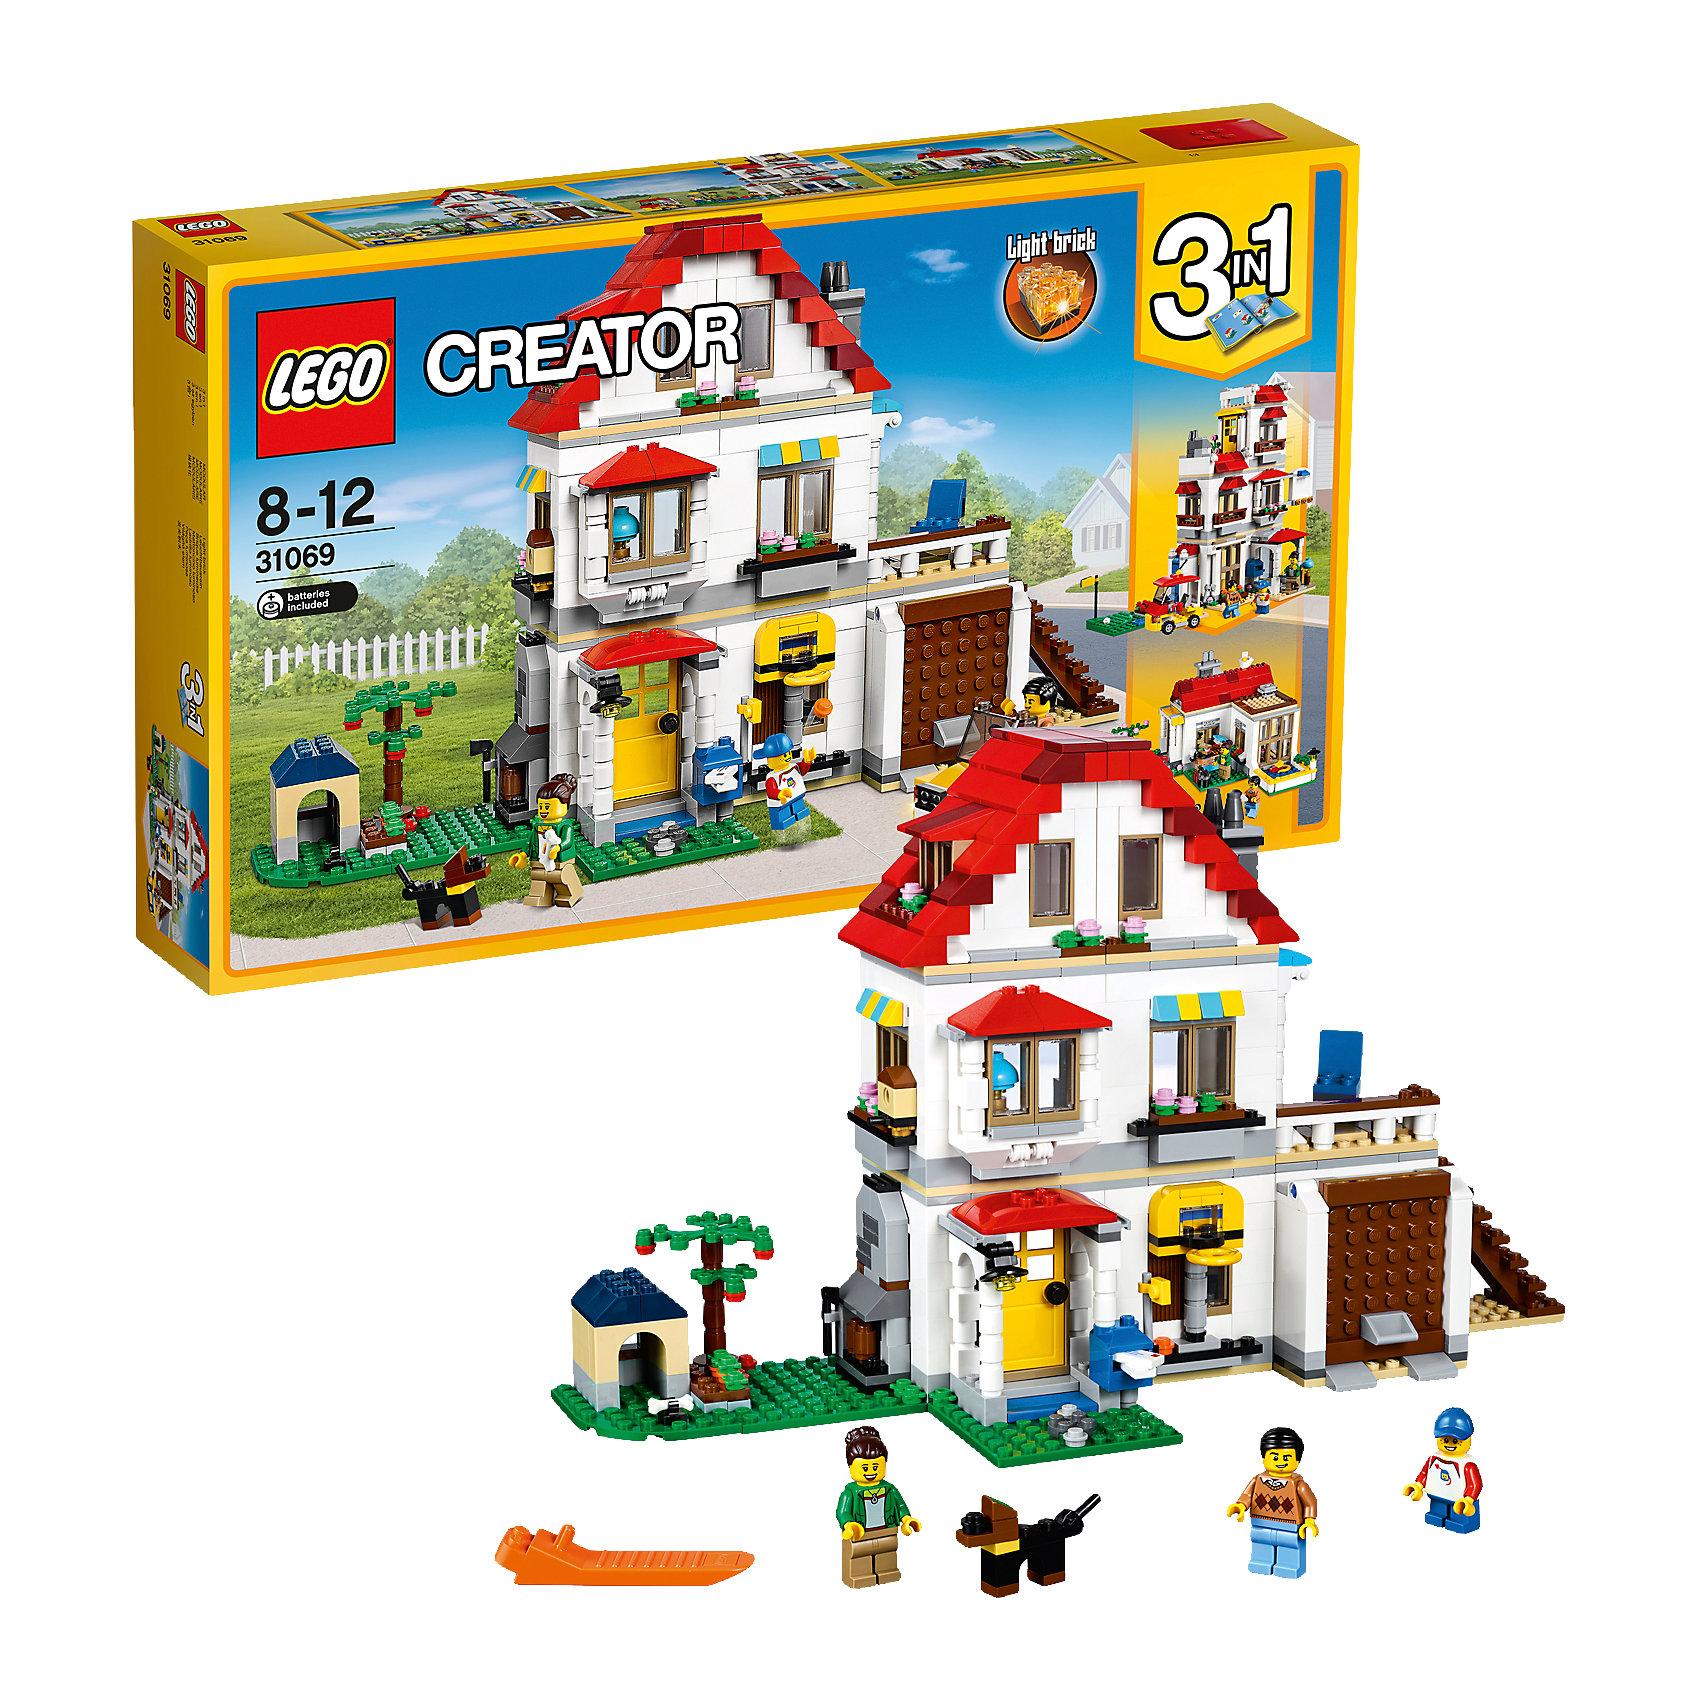 LEGO Creator 31069: Загородный домПластмассовые конструкторы<br><br><br>Ширина мм: 497<br>Глубина мм: 291<br>Высота мм: 81<br>Вес г: 1357<br>Возраст от месяцев: 96<br>Возраст до месяцев: 144<br>Пол: Унисекс<br>Возраст: Детский<br>SKU: 5620054